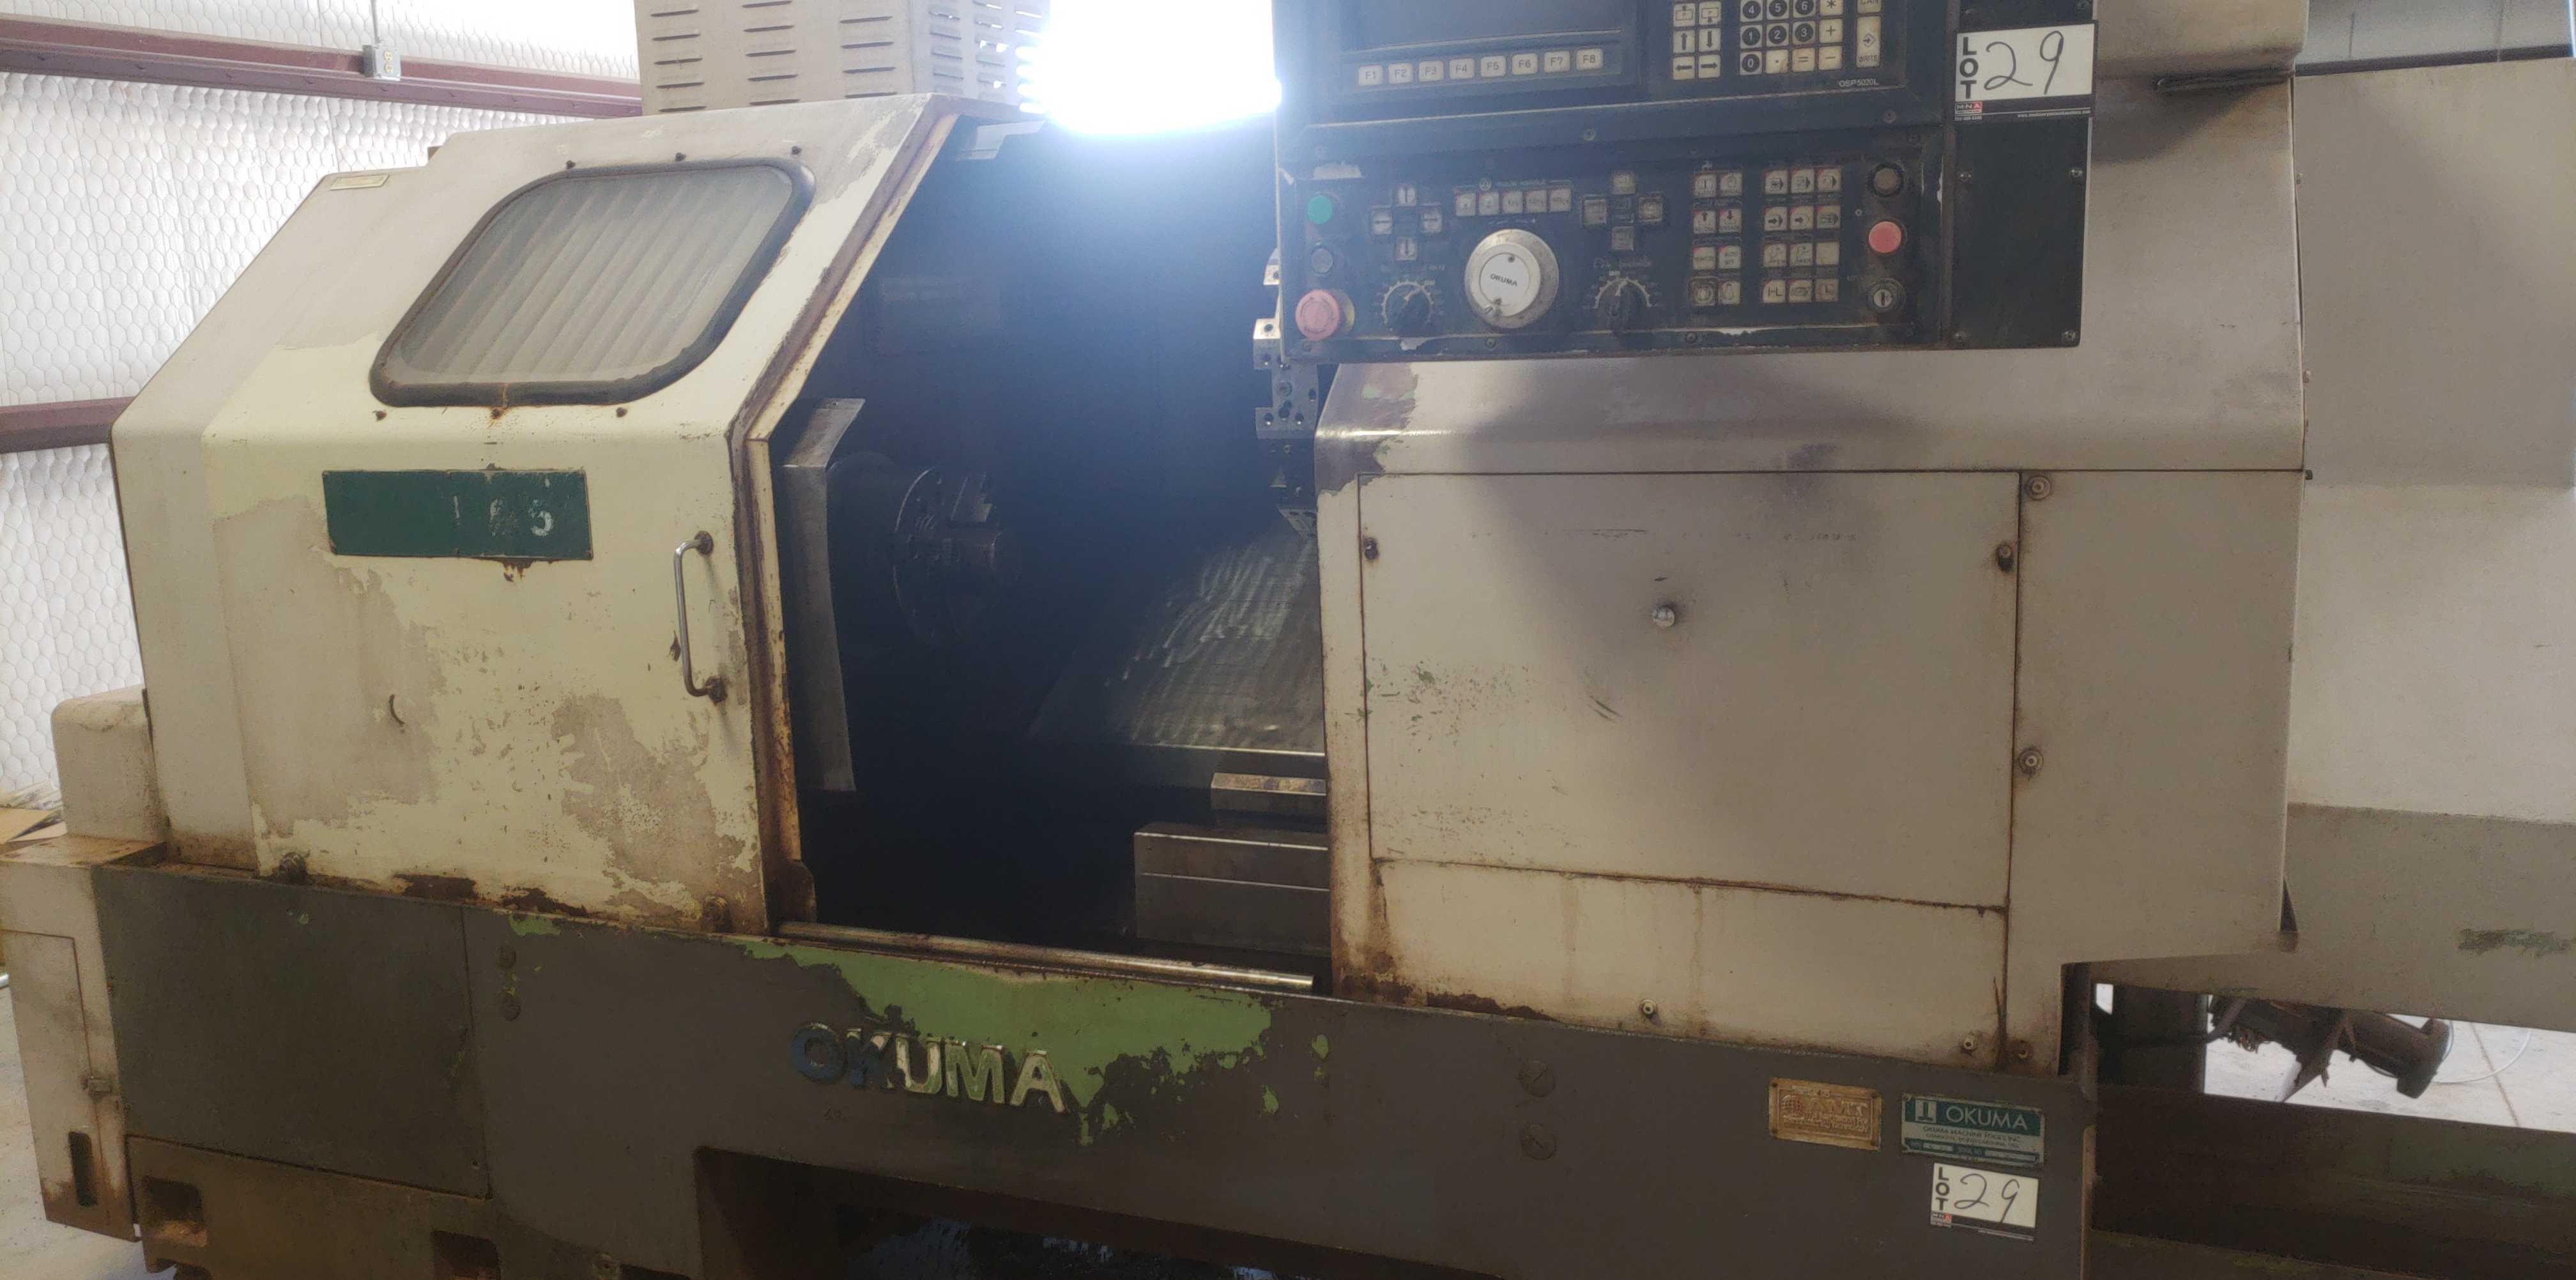 """Okuma LB 25 2 Axis CNC lathe, 5020 control, chip conveyor, 10"""" chuck SN: 06119625"""